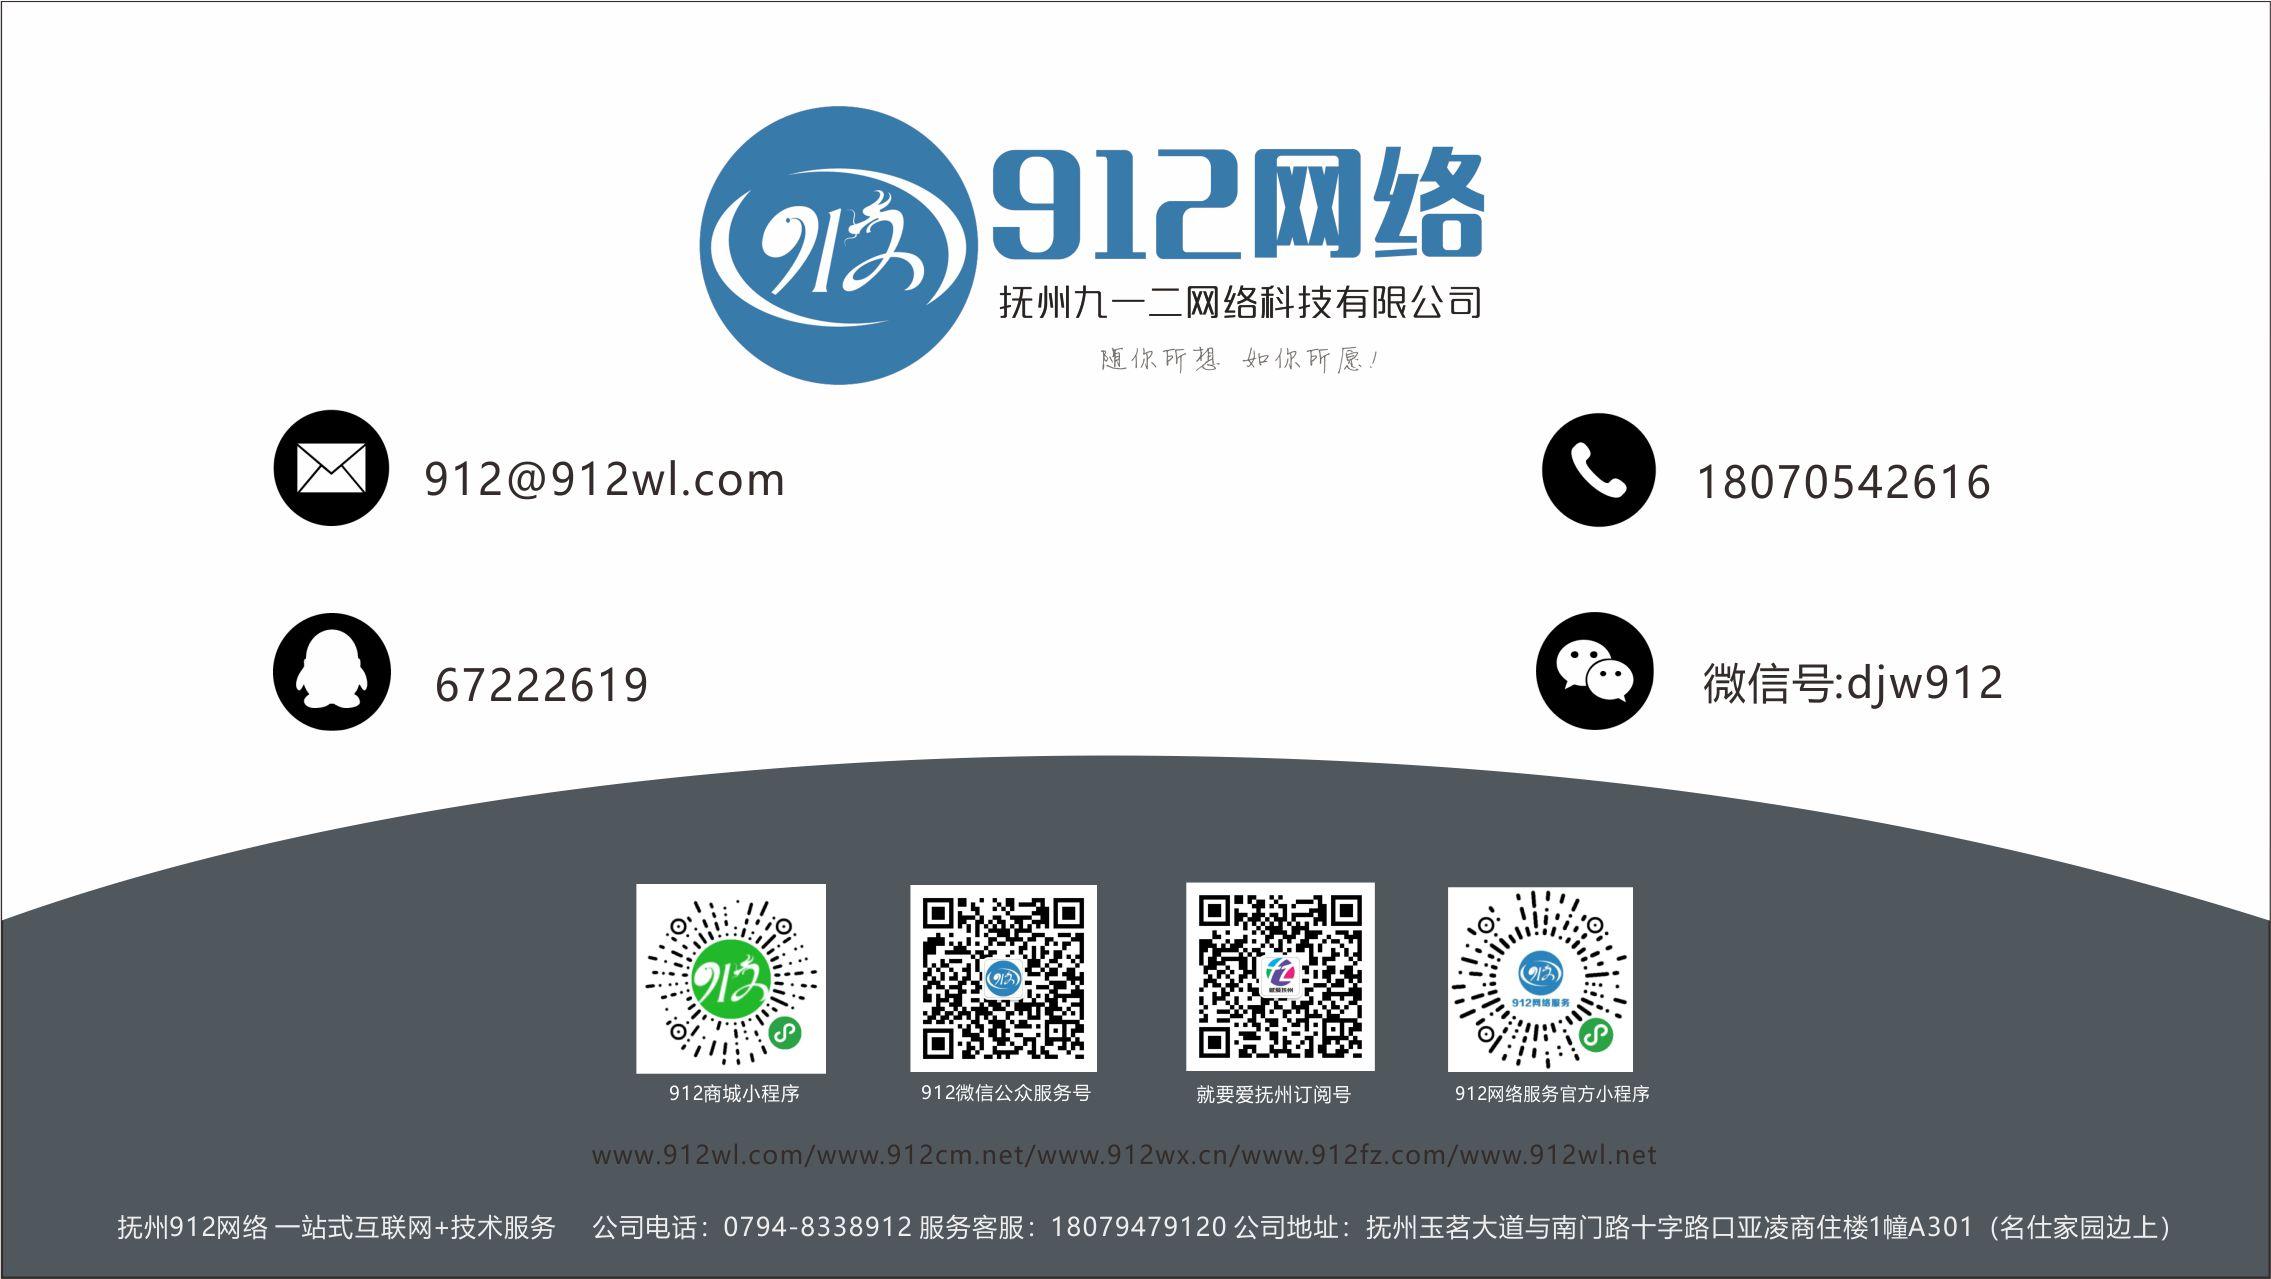 912网络综合介绍20200821.jpg